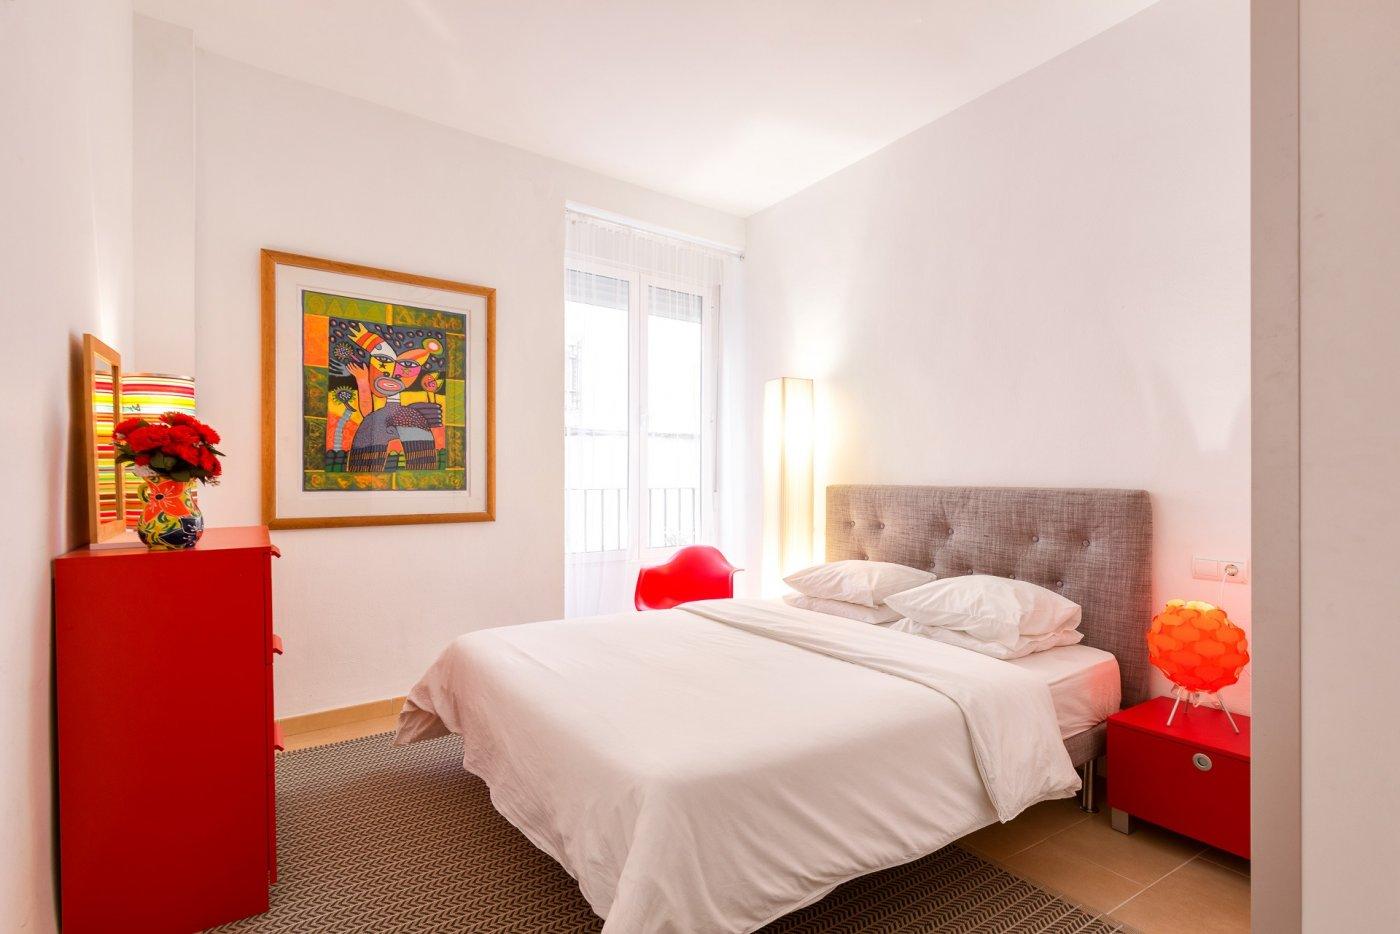 Oportunidad, piso en venta con licencia turística - imagenInmueble7